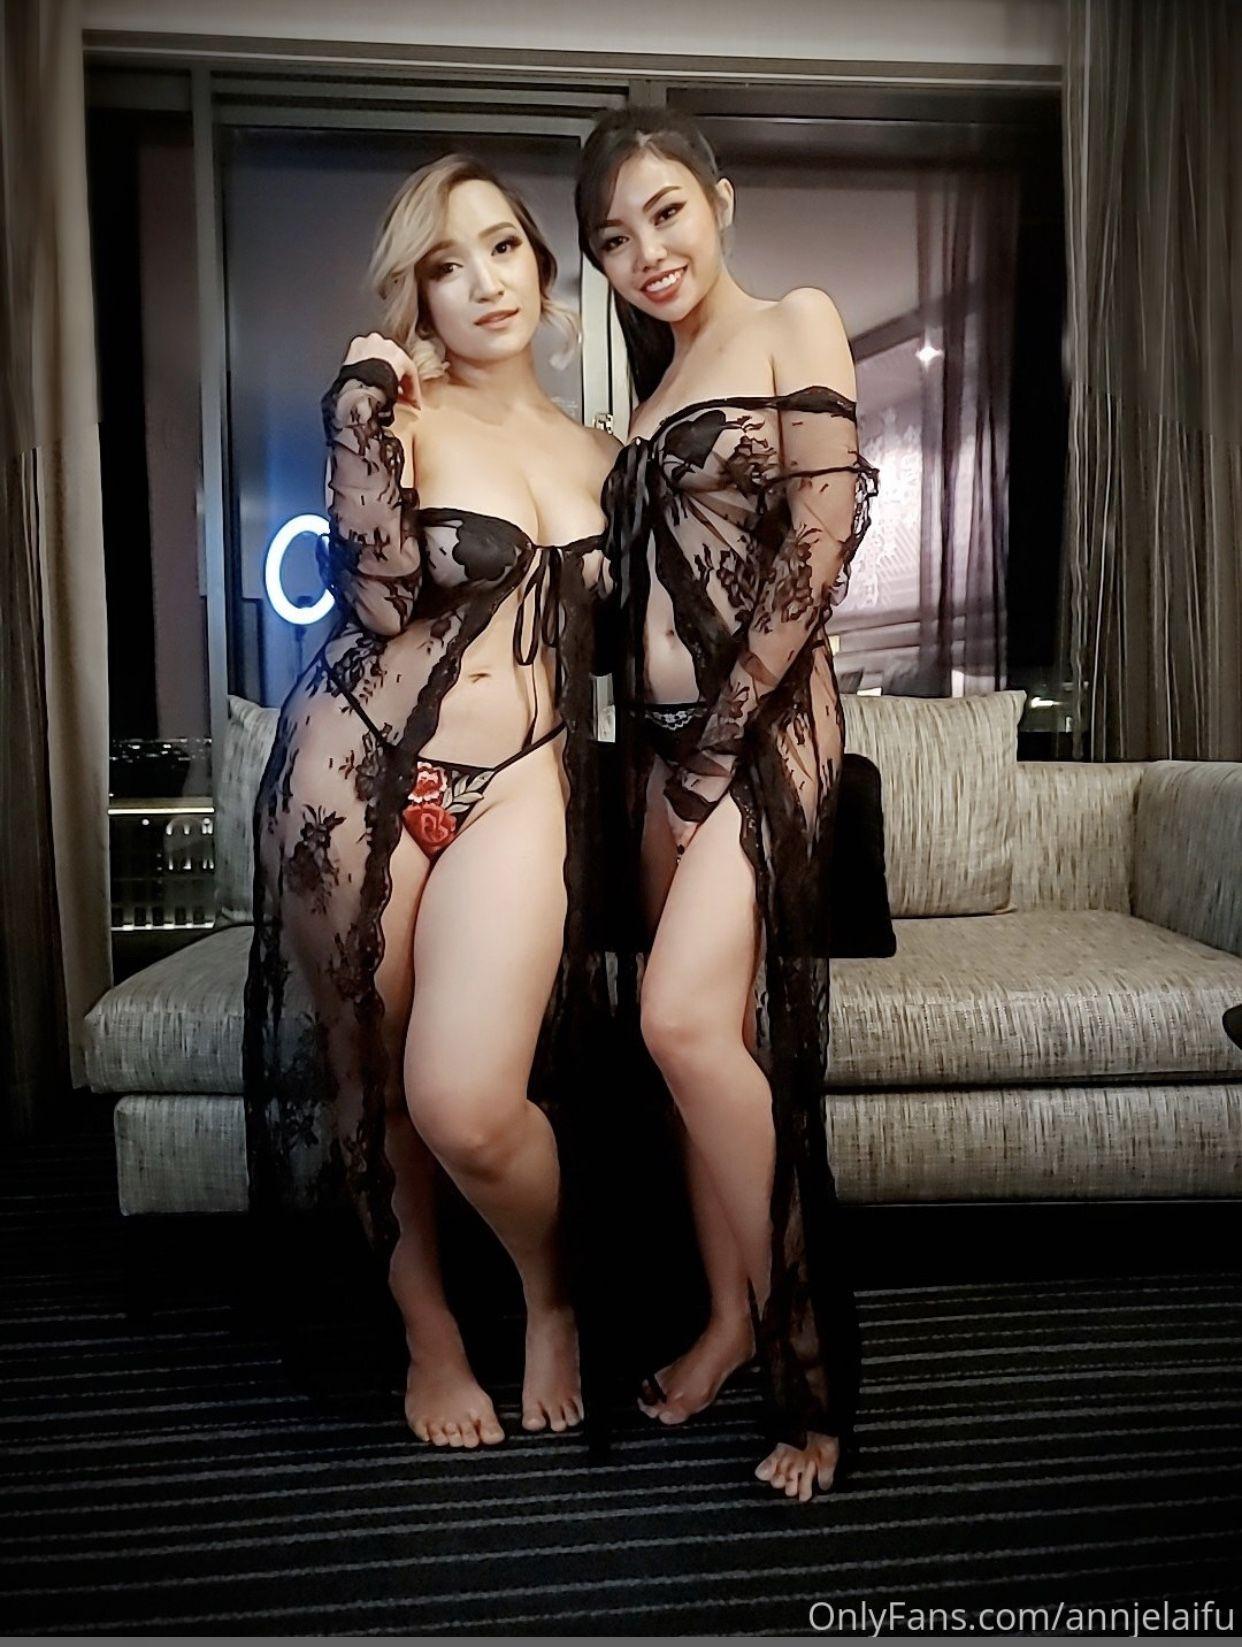 Mizzi Mie Nude Photos 0070